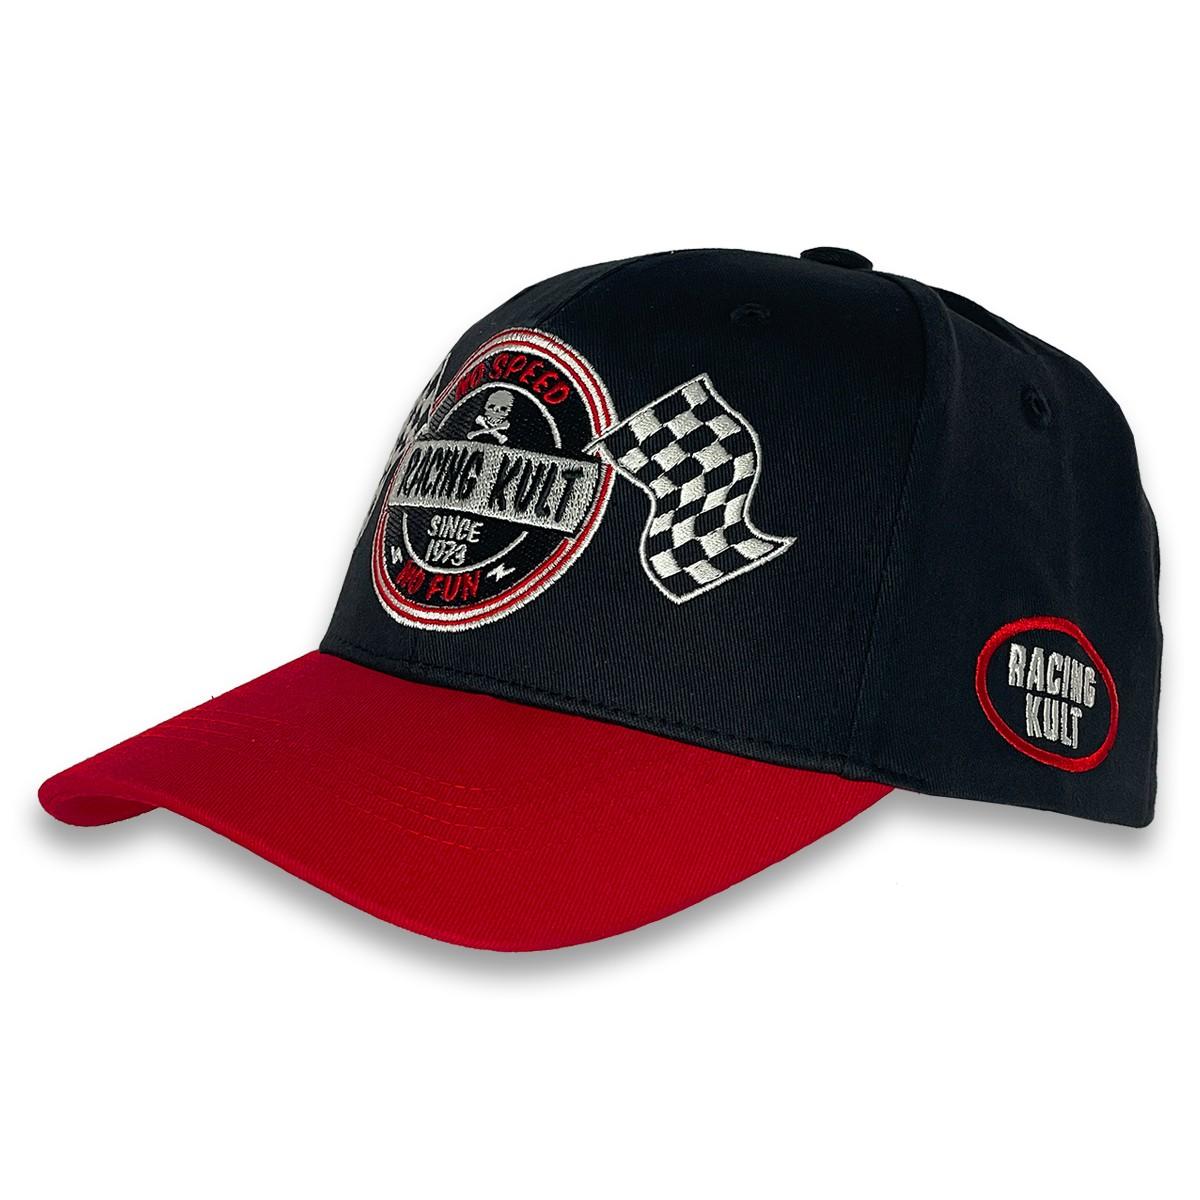 Racing Kult Flex Cap No Speed No Fun mit Stick Unisex